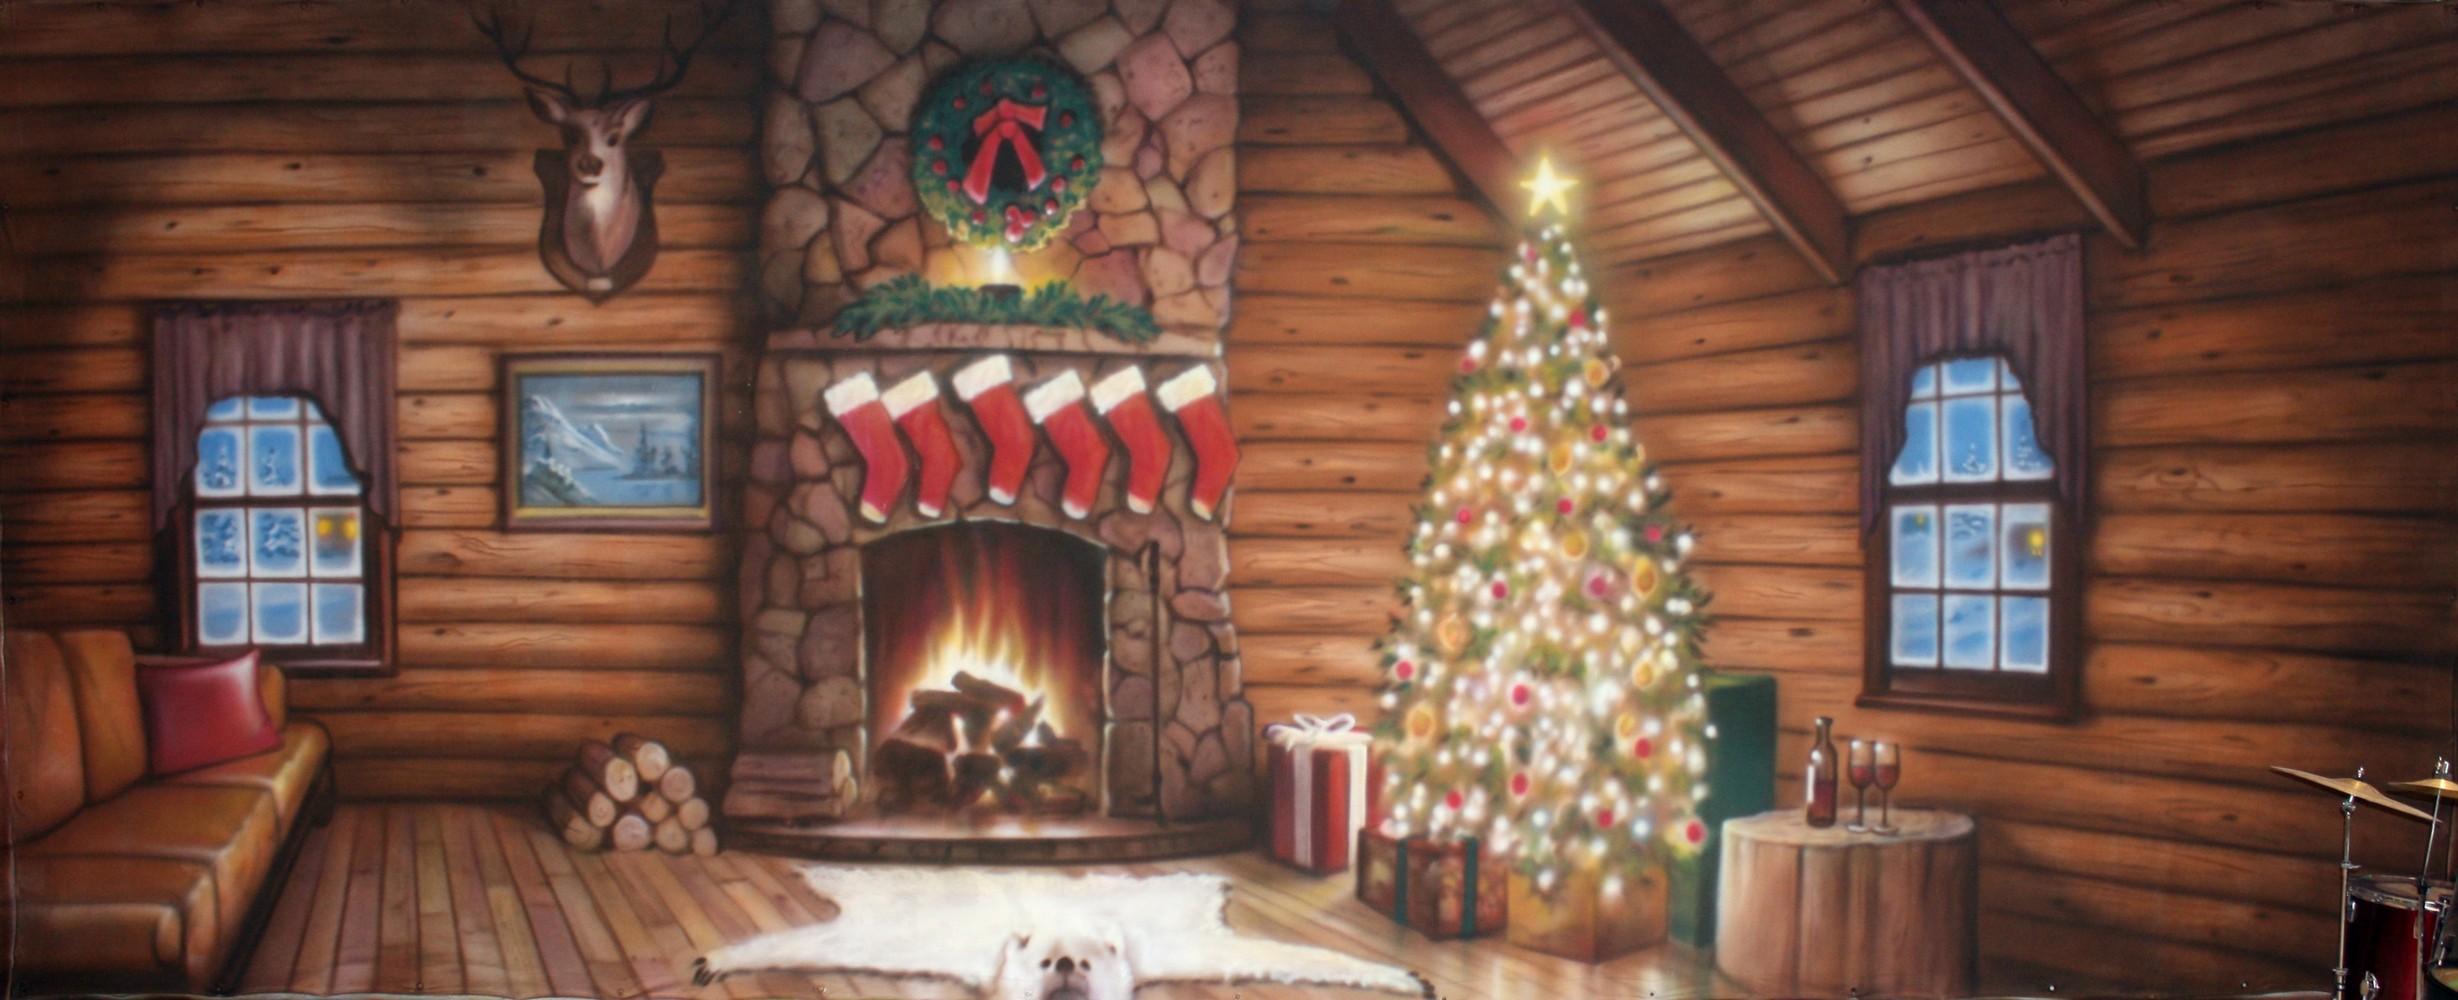 Christmas cabin interior - Christmas Cabin Backdrop